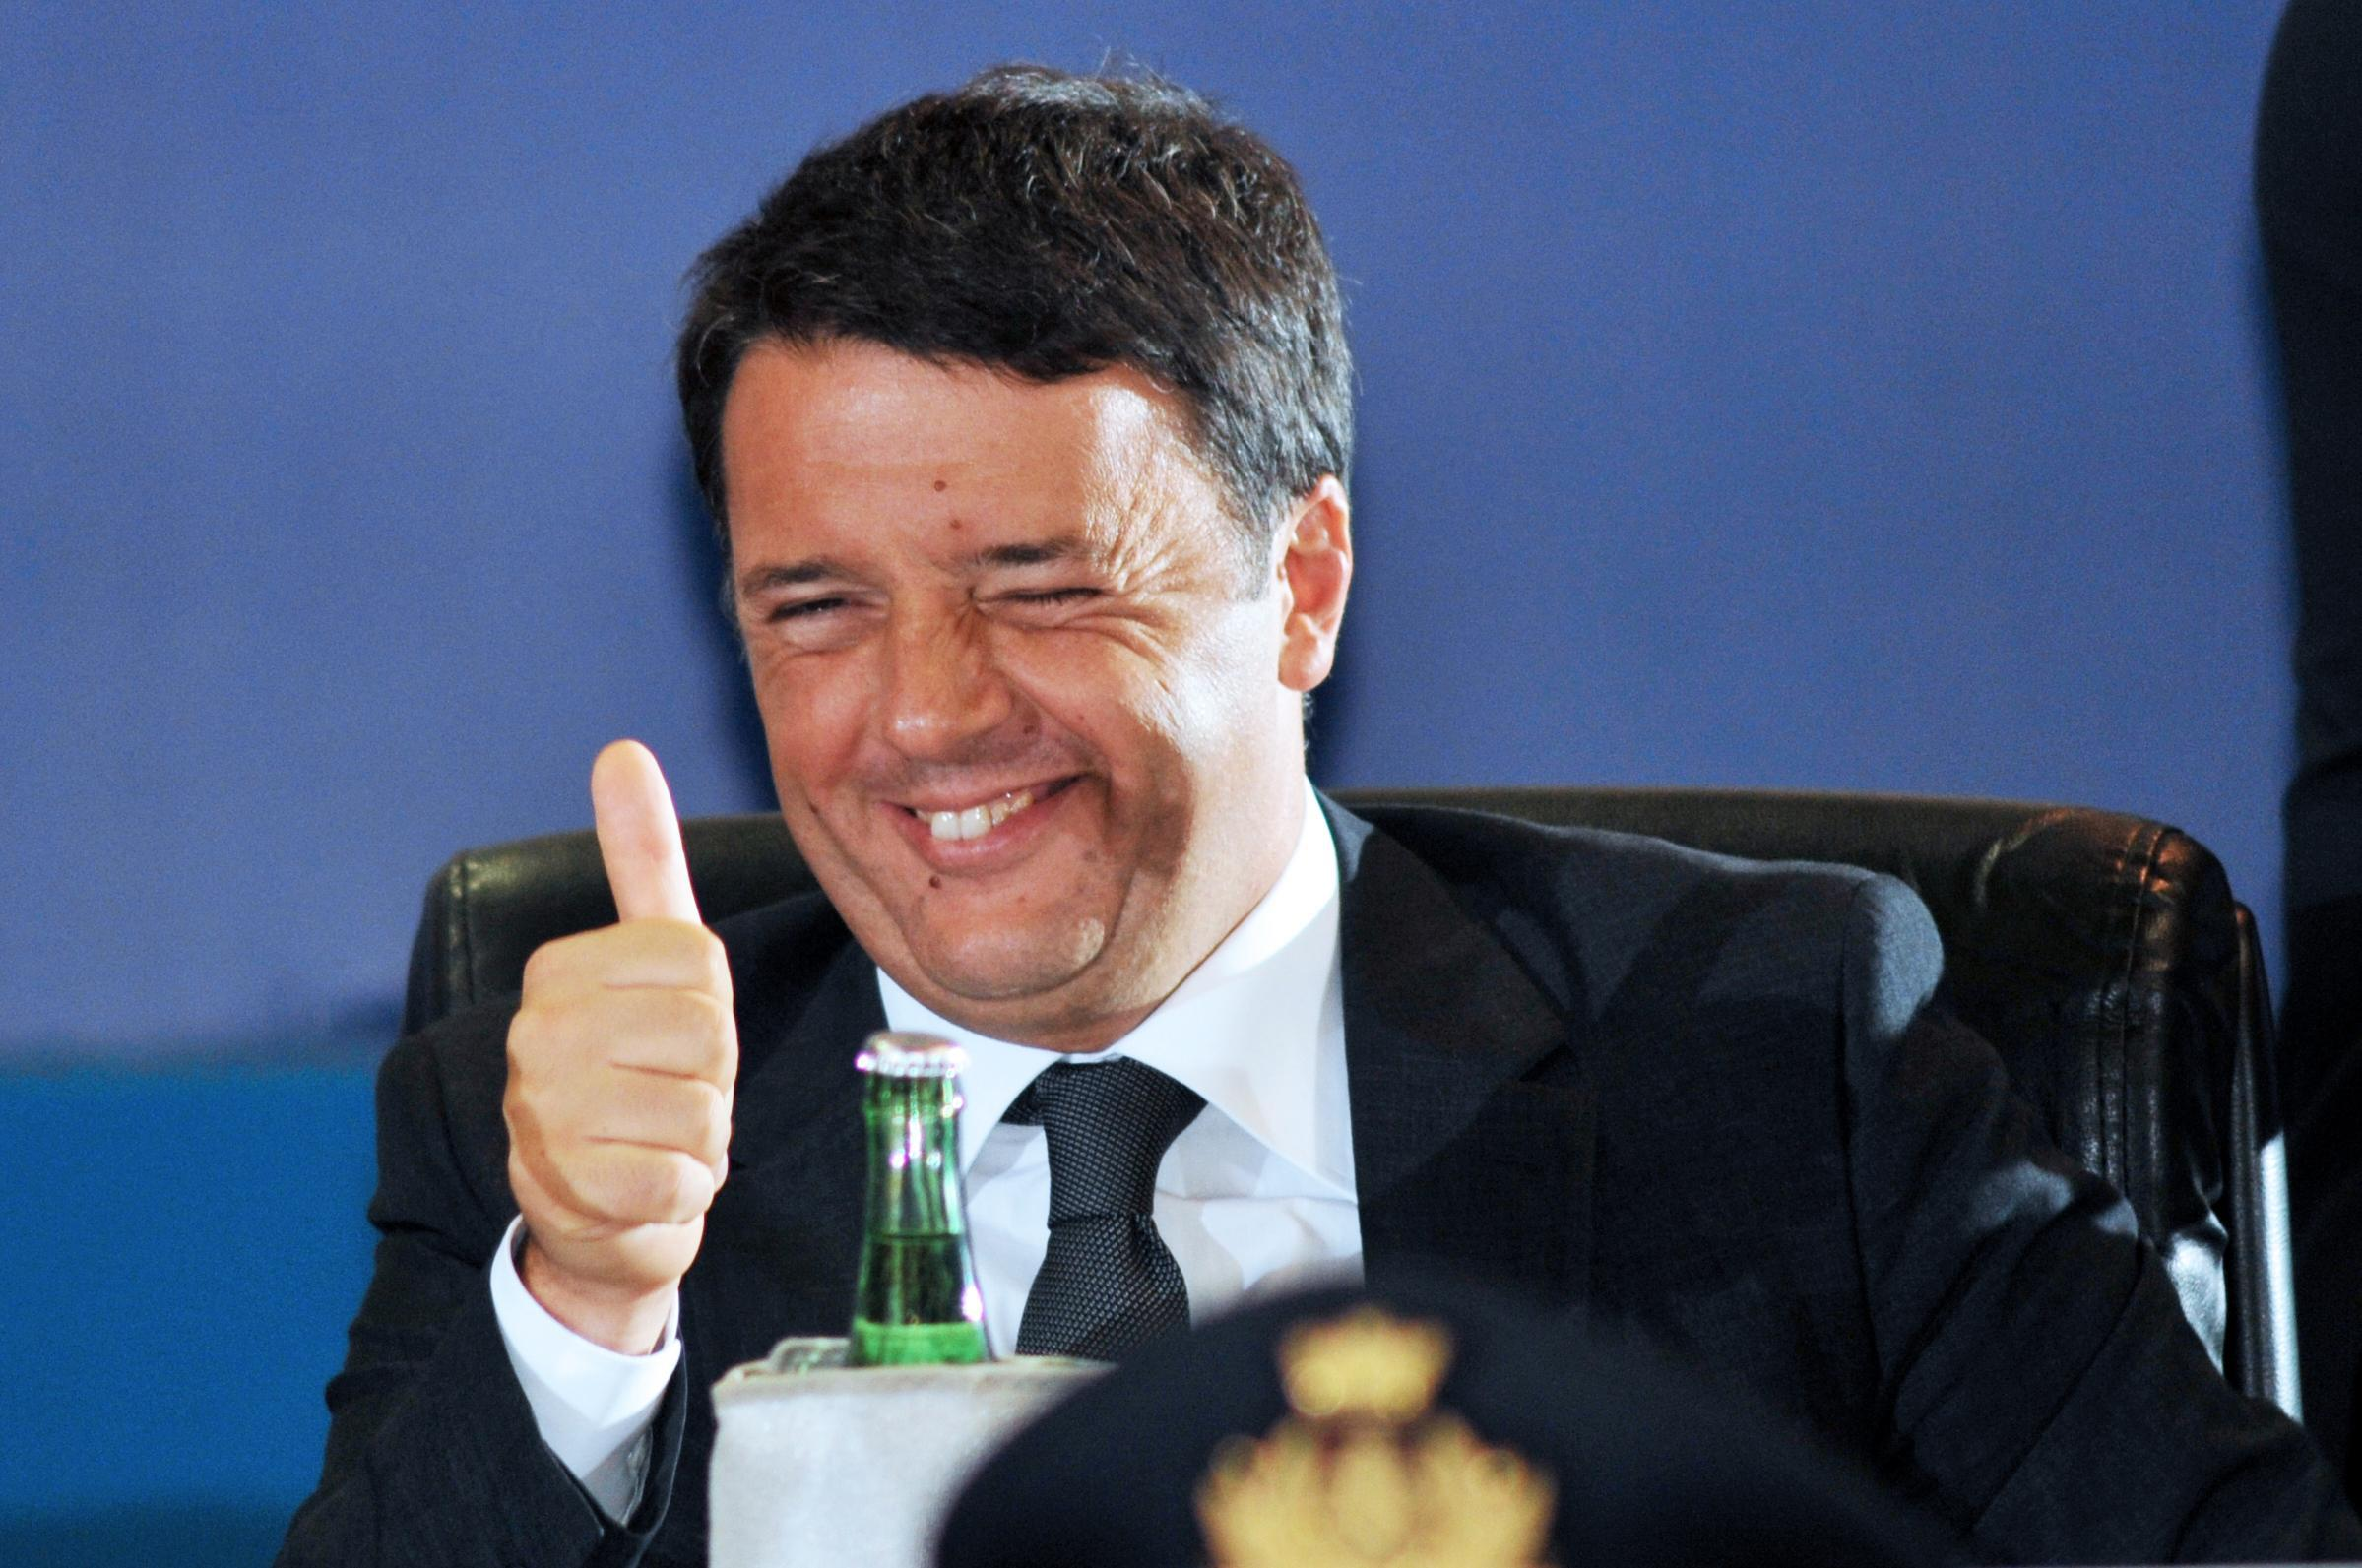 SOLDI, POLITICA & CLIENTI. BUFERA SU MATTEO RENZI PER UN PRESTITO DA 700MILA EURO